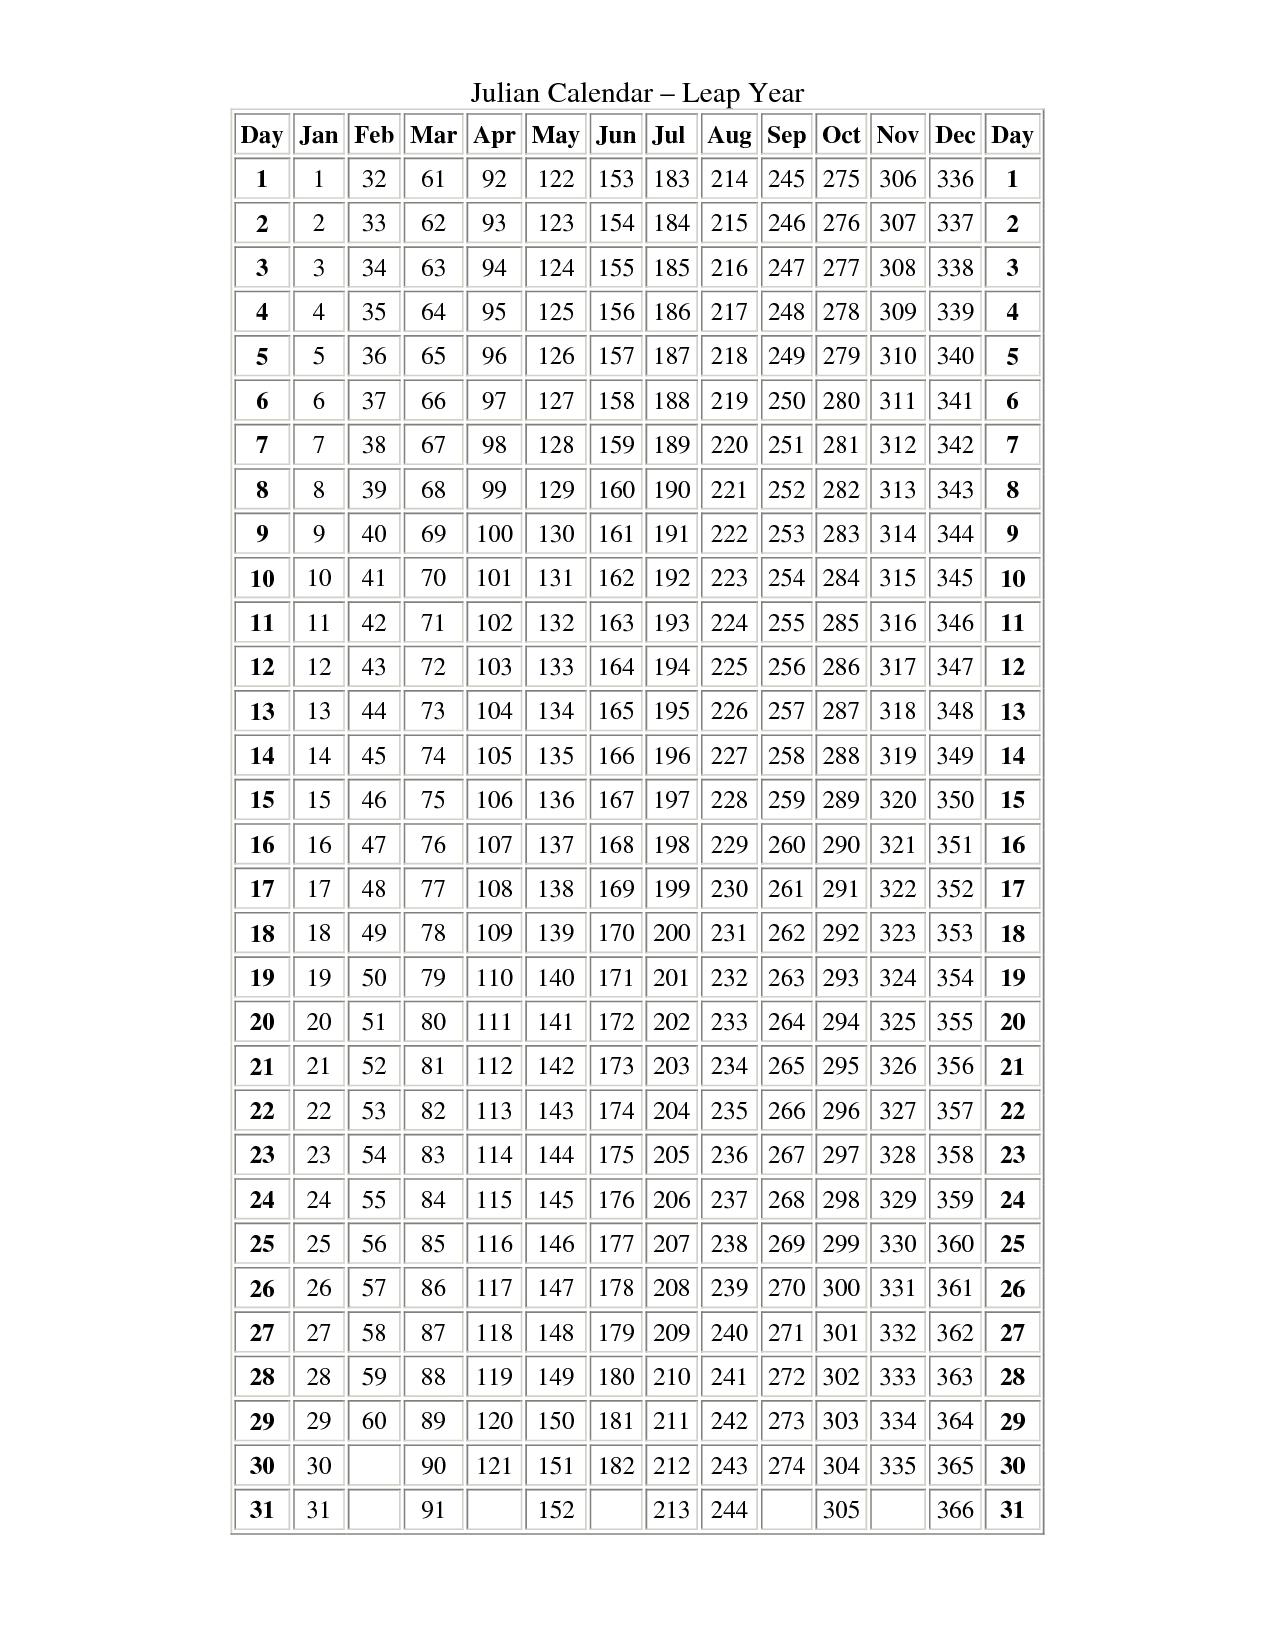 Julian Calendar No Leap Year - Calendar Inspiration Design-Monthly Calendar With Julian Dates 2020